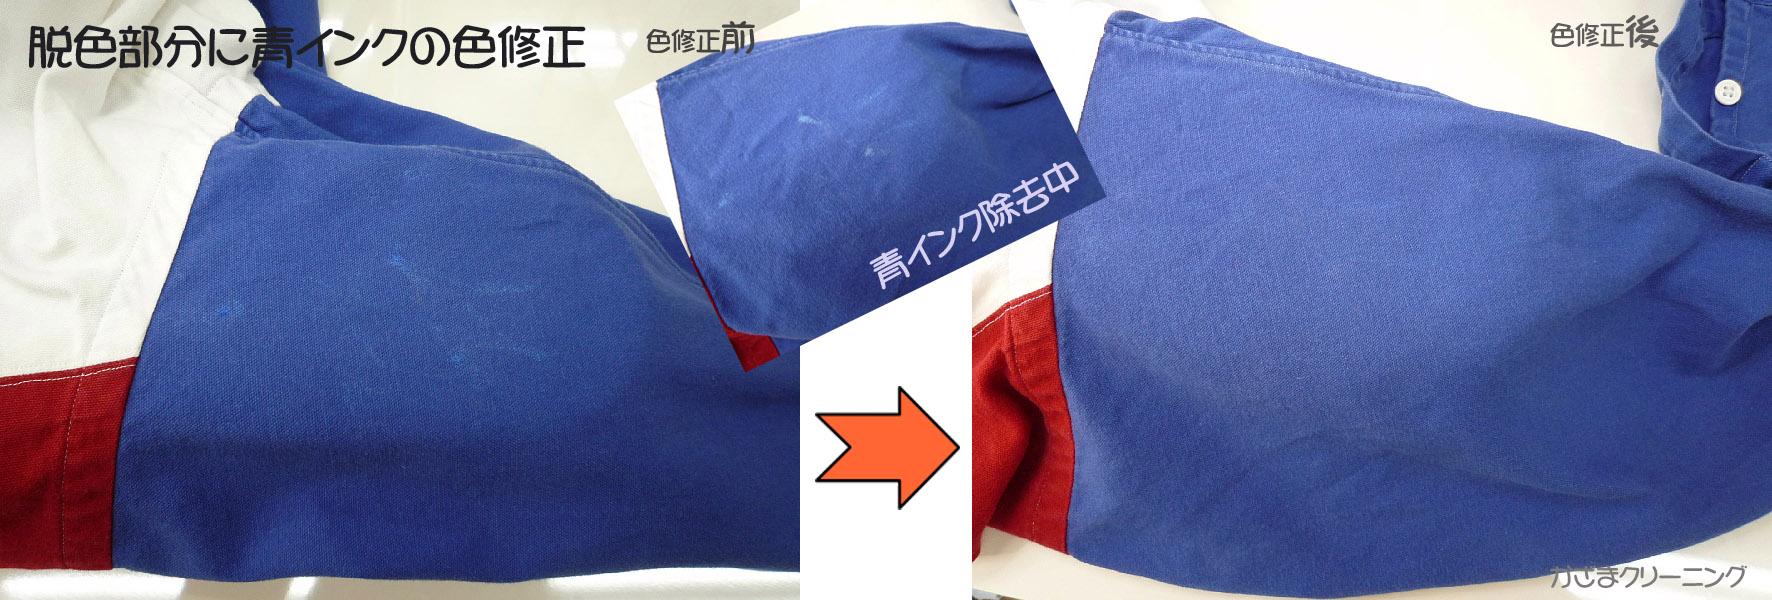 脱色部分に入れた青油性ペンを除去後に色修正